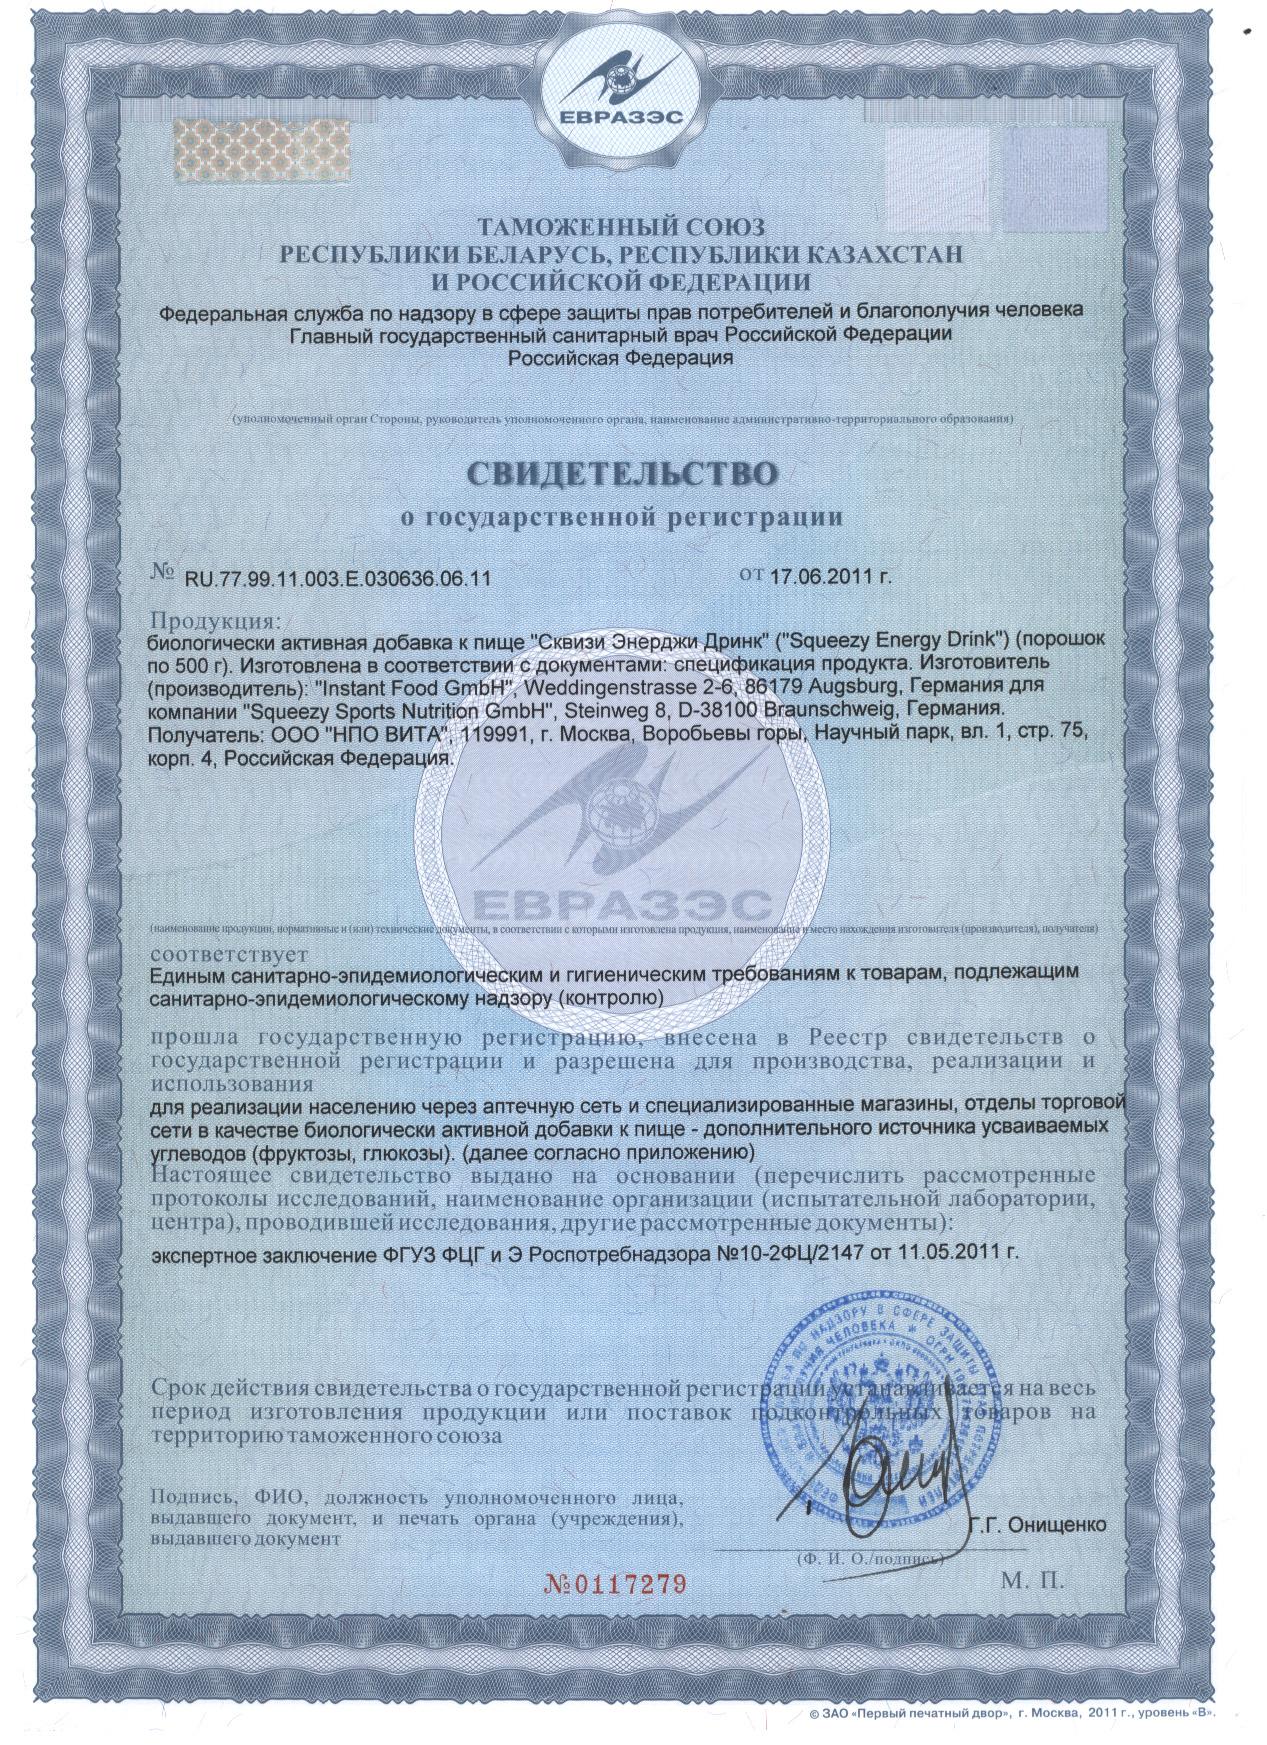 Сертификат ENERGY DRINK